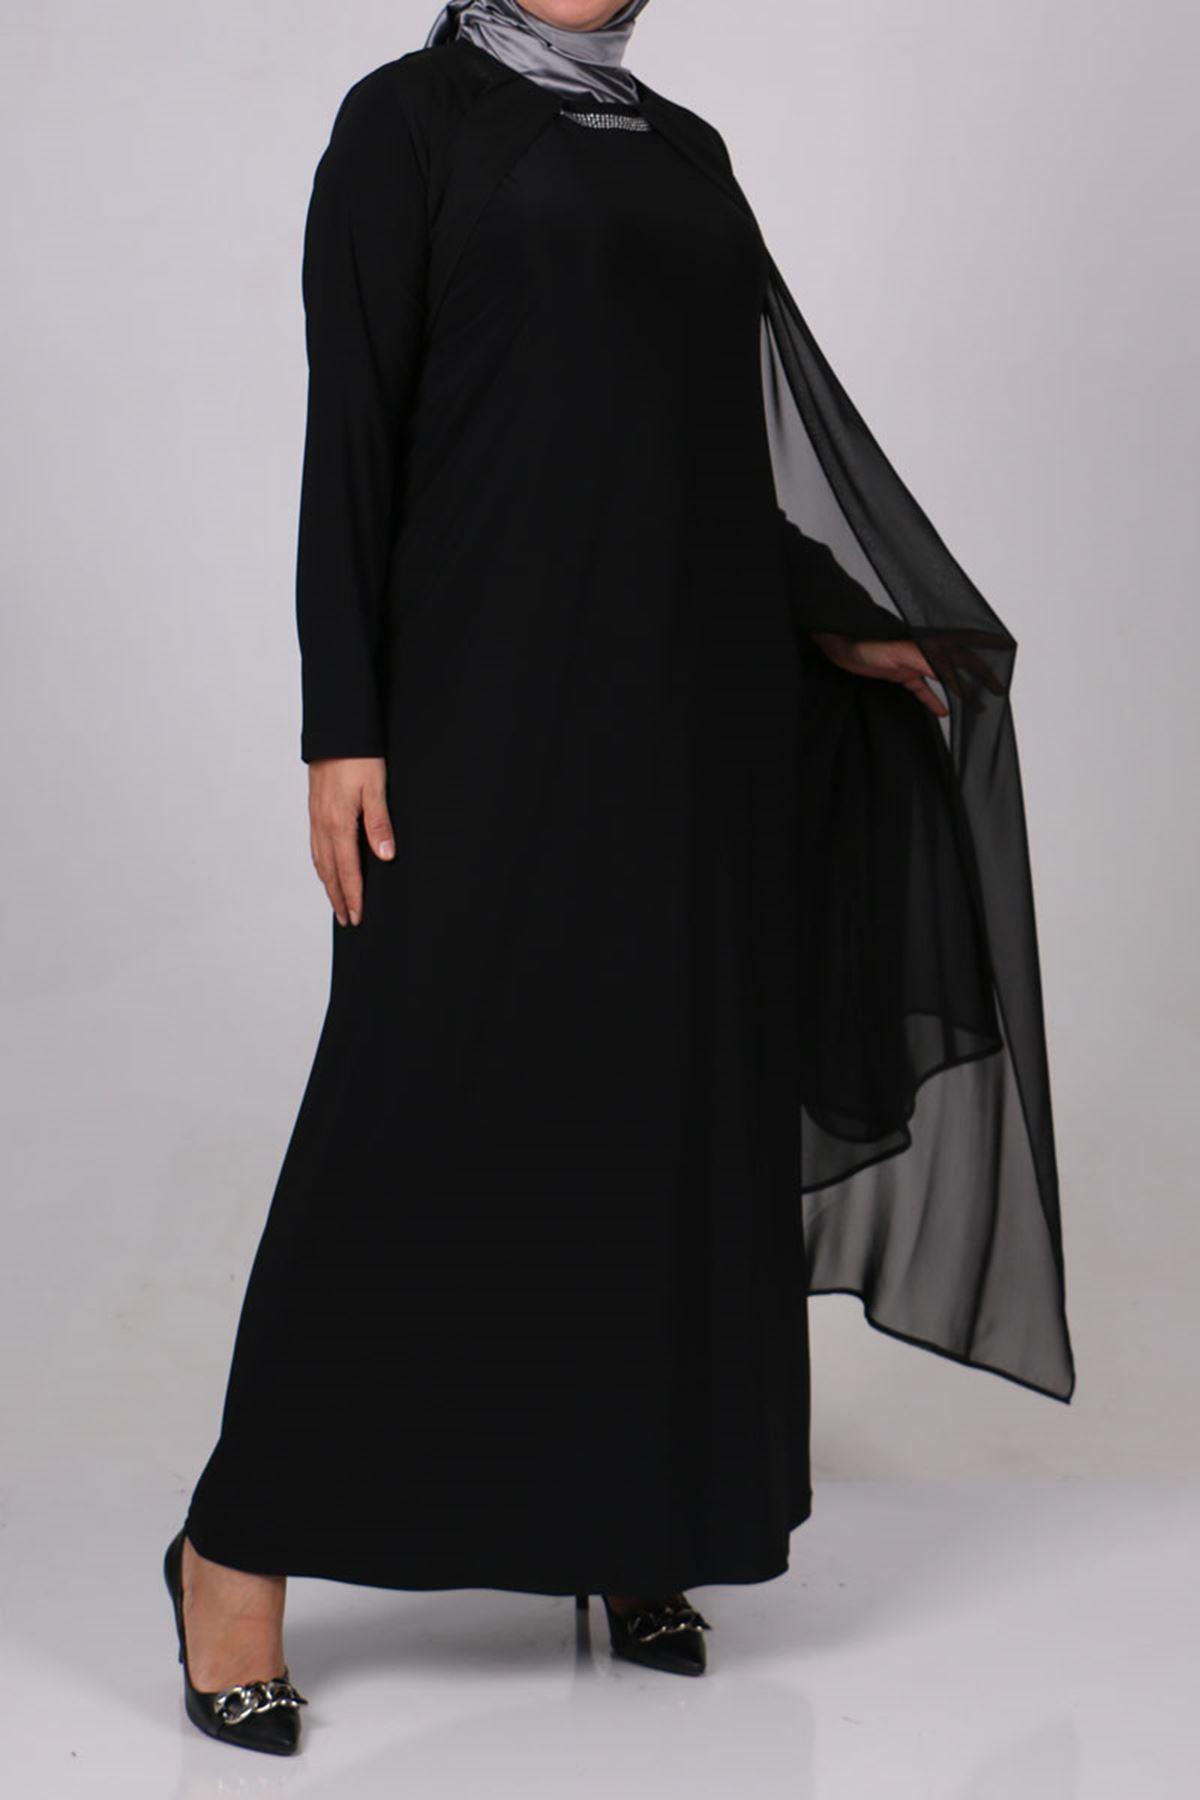 D-2097 Büyük Beden Sandy-Şifon Taş Baskılı Defolu Elbise - Siyah